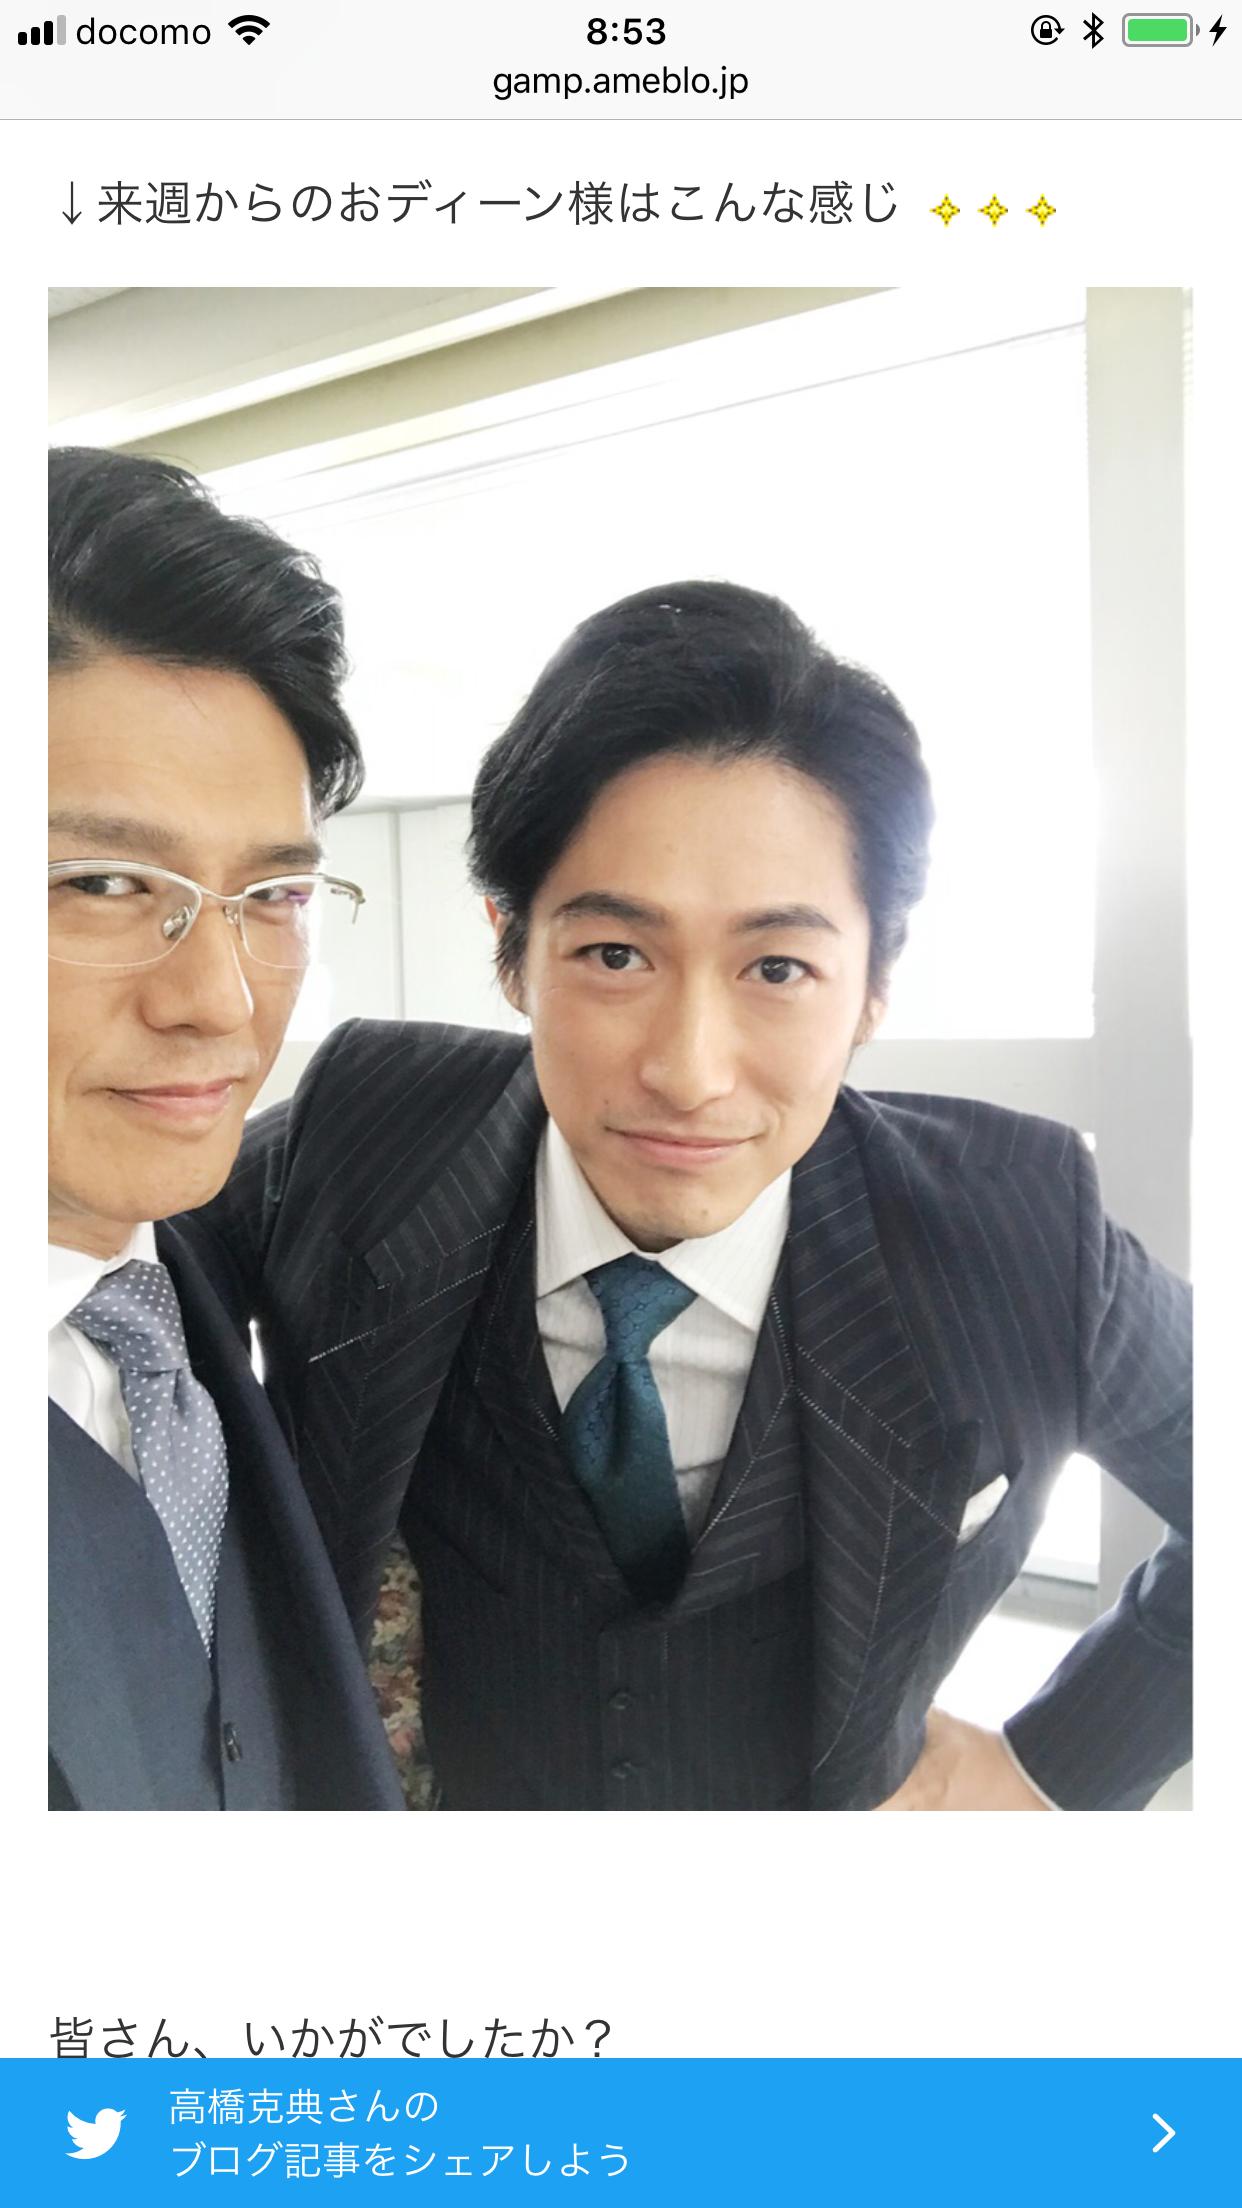 髪 おしゃれまとめの人気アイデア Pinterest Ryoko 俳優 美しい男 でぃーんふじおか